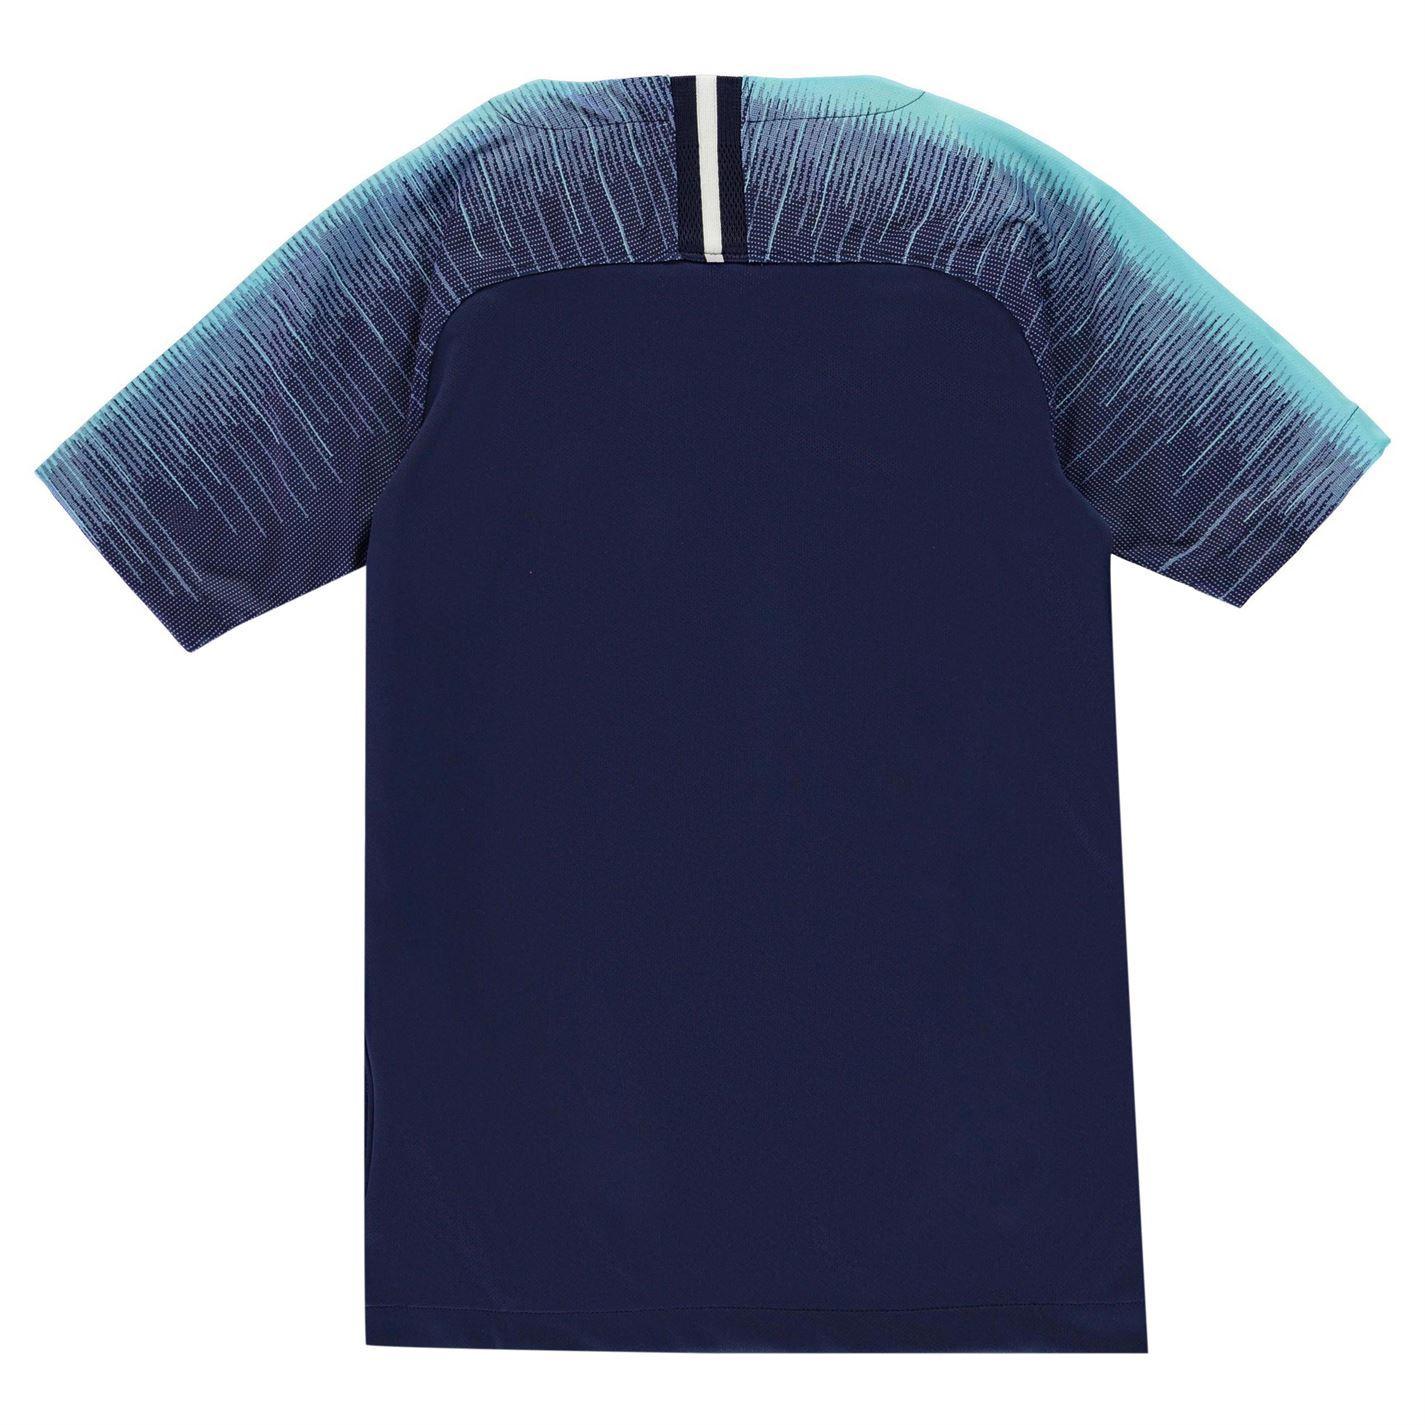 db5f677a ... Nike Tottenham Hotspur Away Jersey 2018 2019 Juniors Blue Football  Soccer Shirt